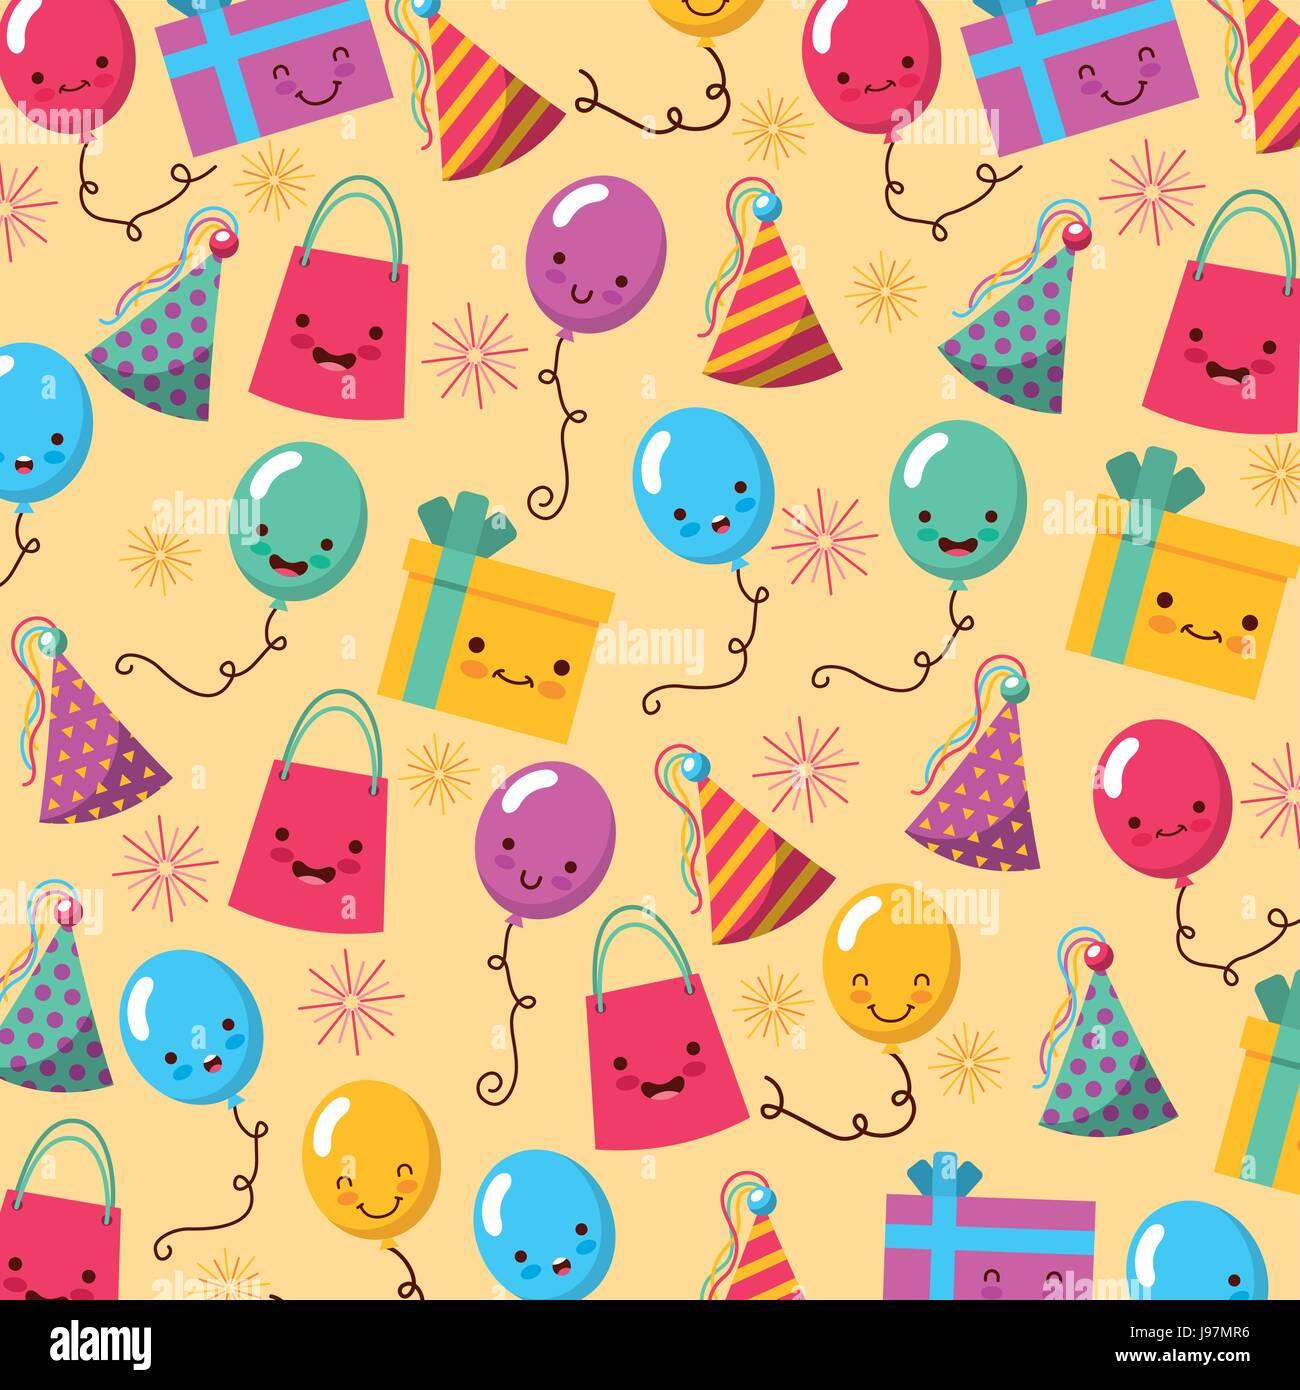 Feliz cumpleaños kawaii conjunto de iconos Imagen De Stock